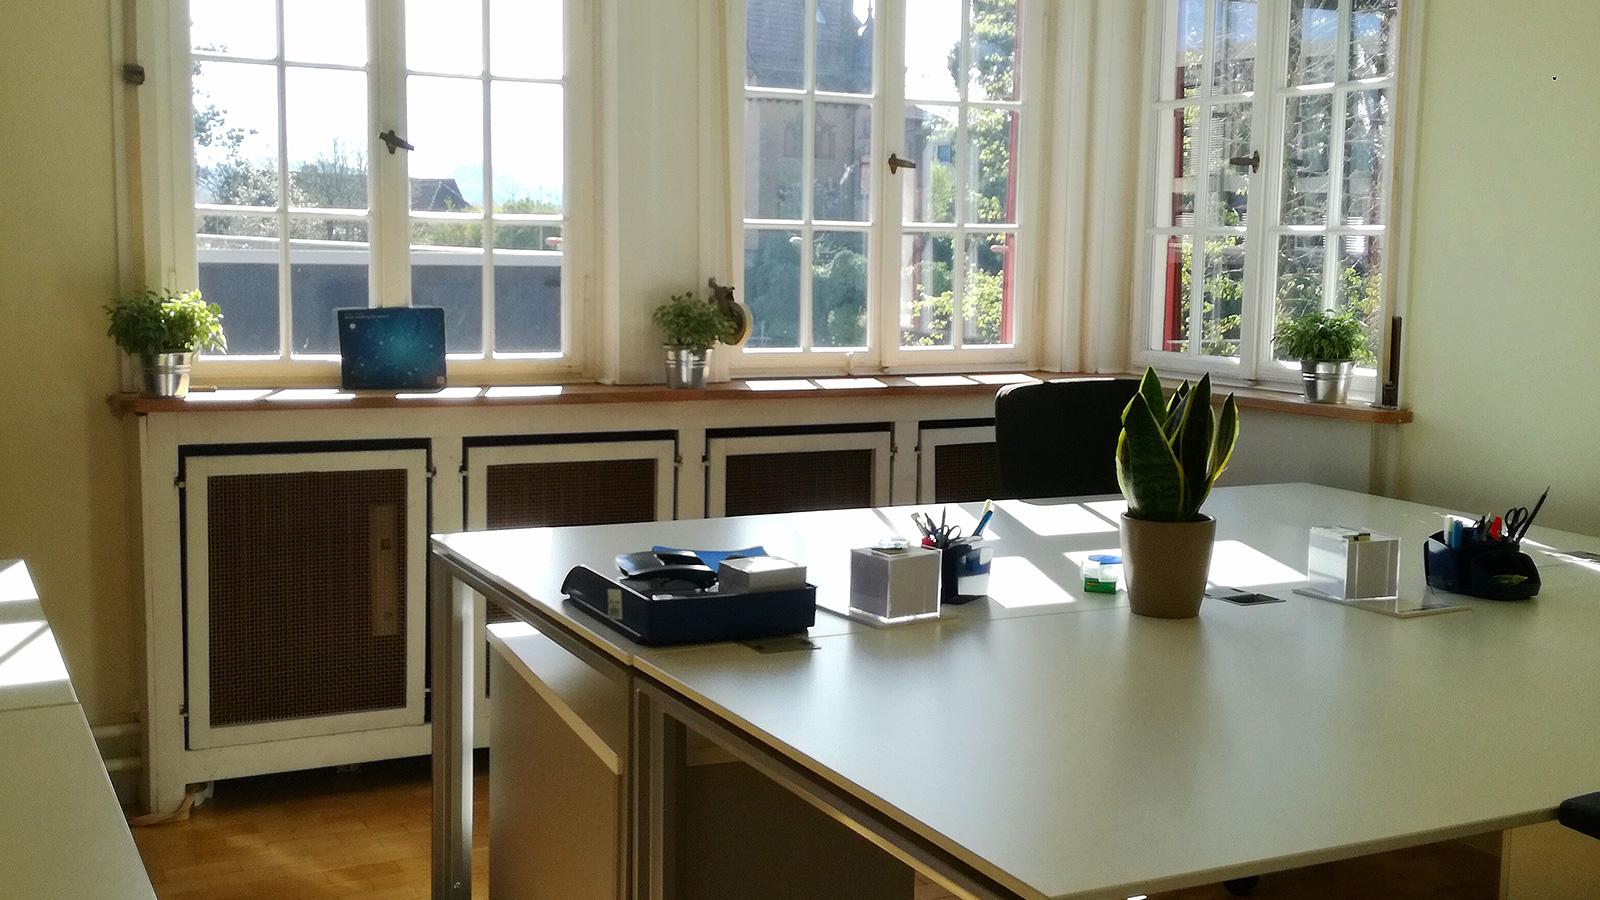 Bild: IHK Workspace